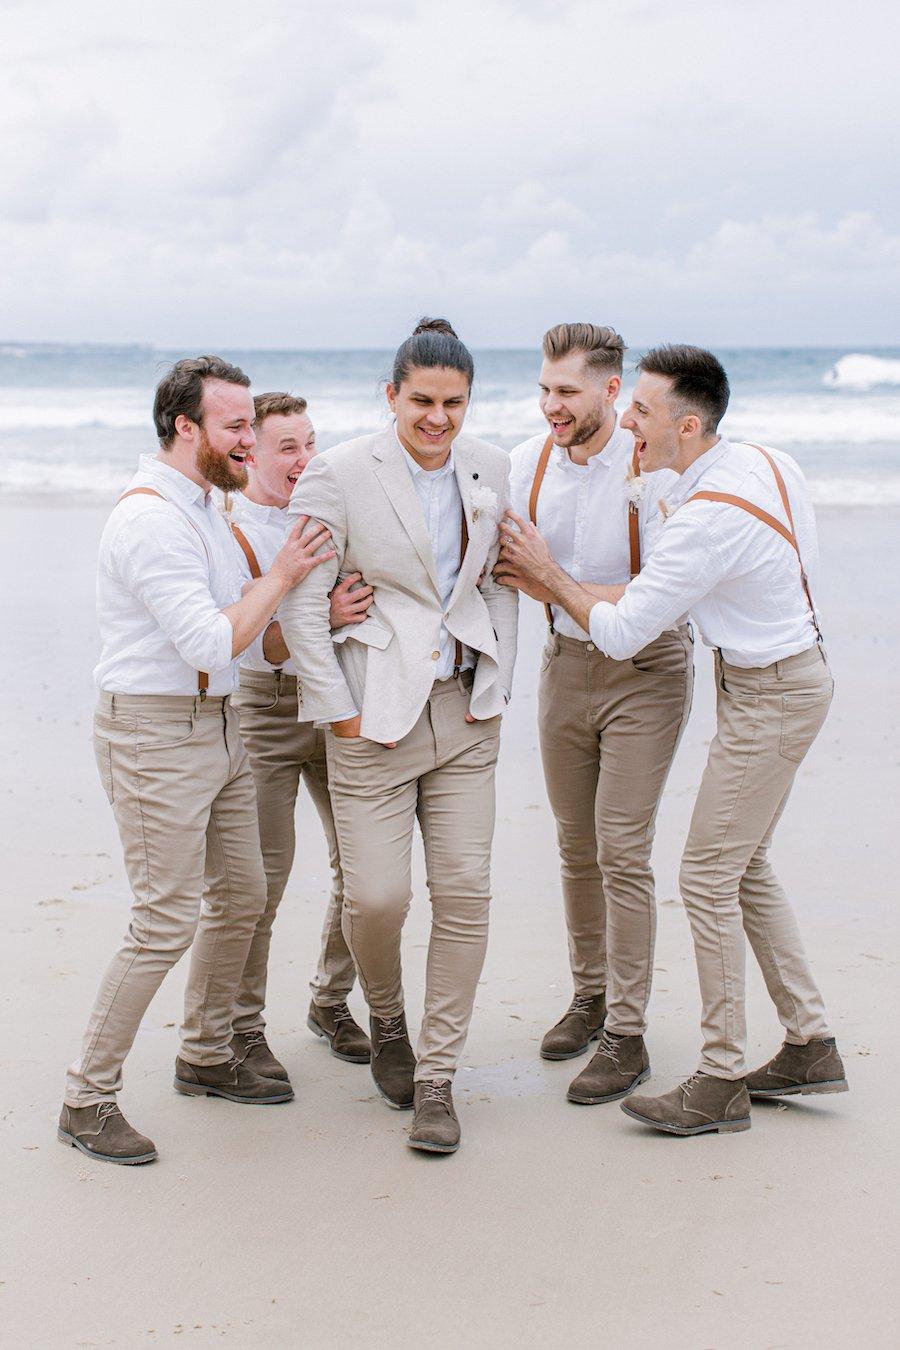 groom and groomsmen laughing on beach